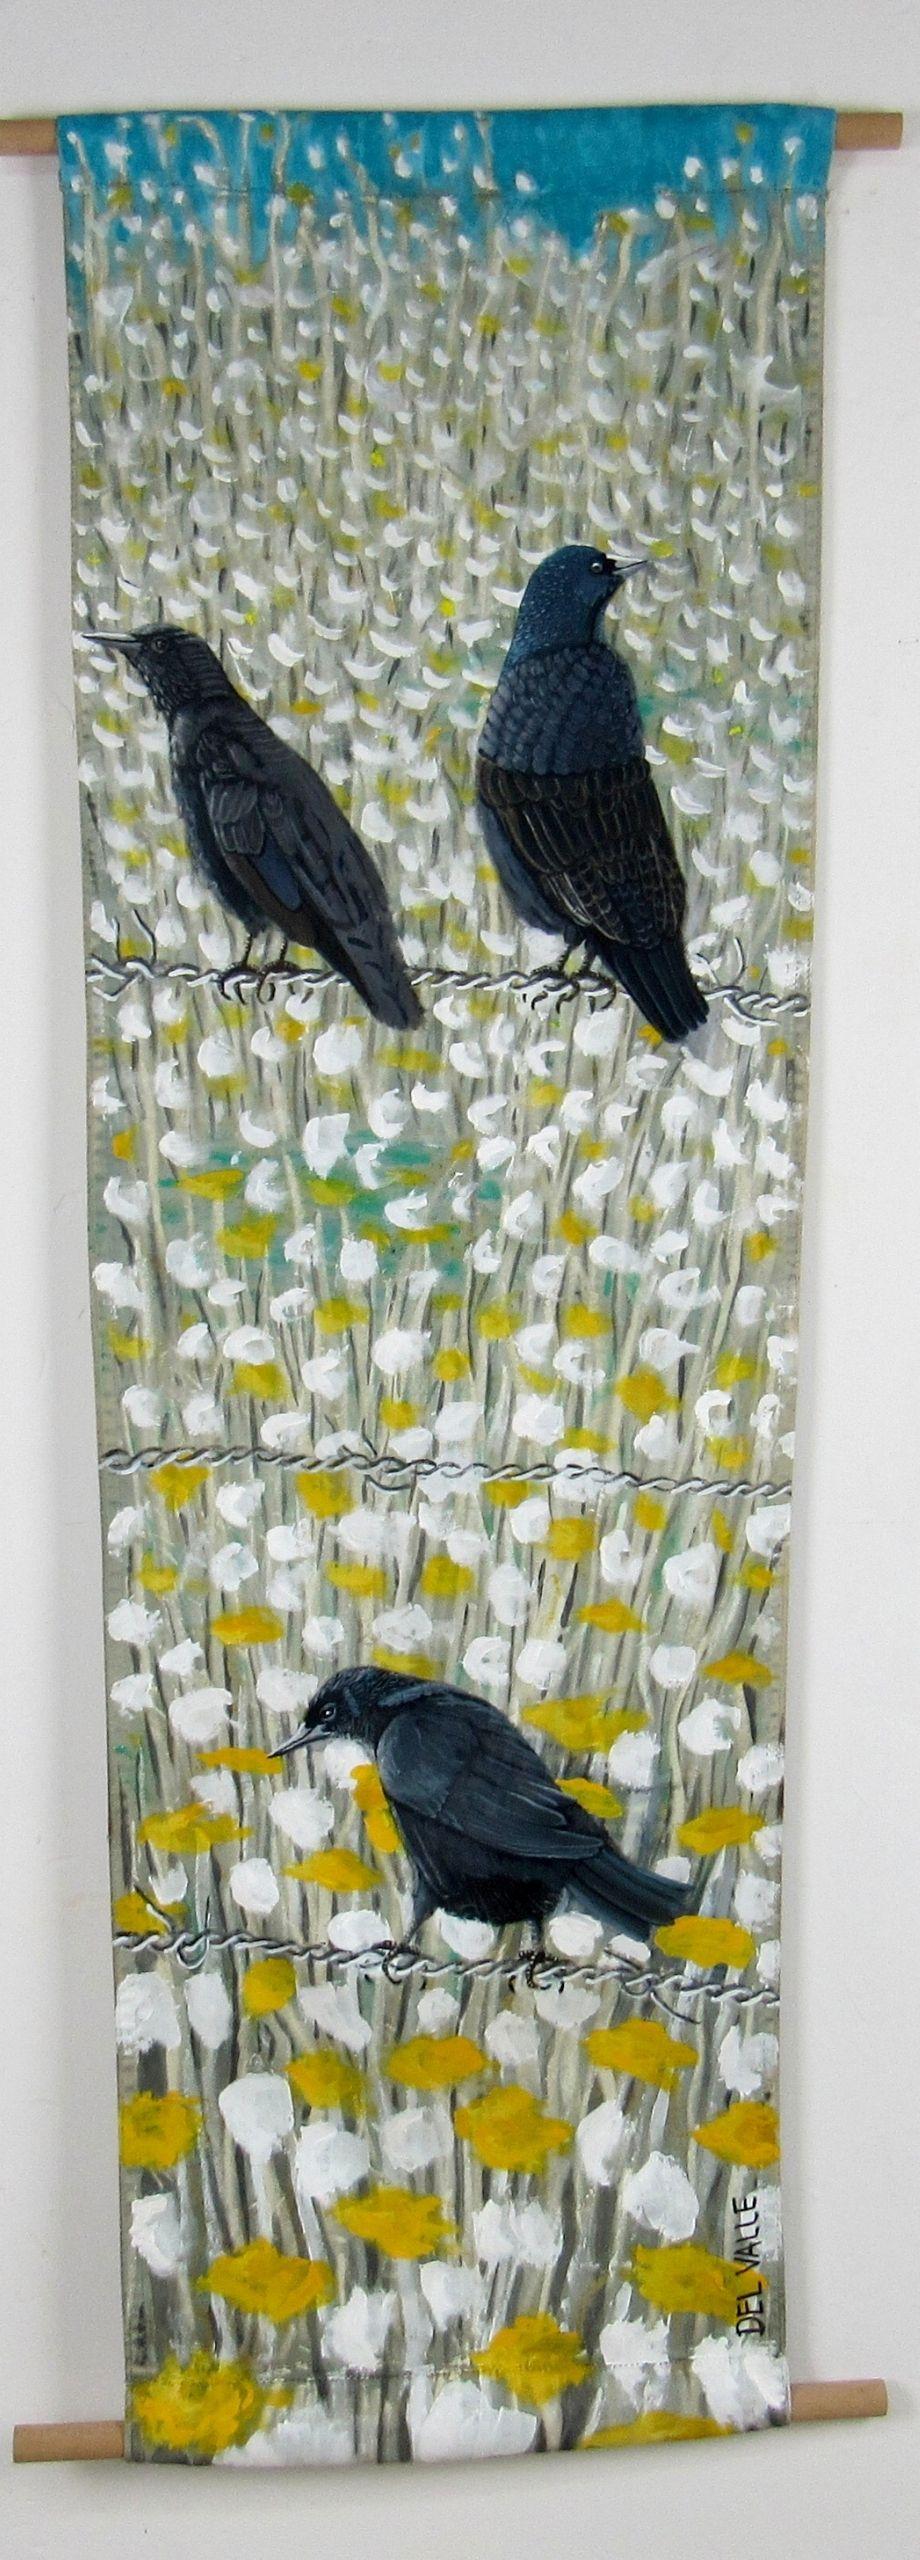 Thrush bird (135x45 cm)